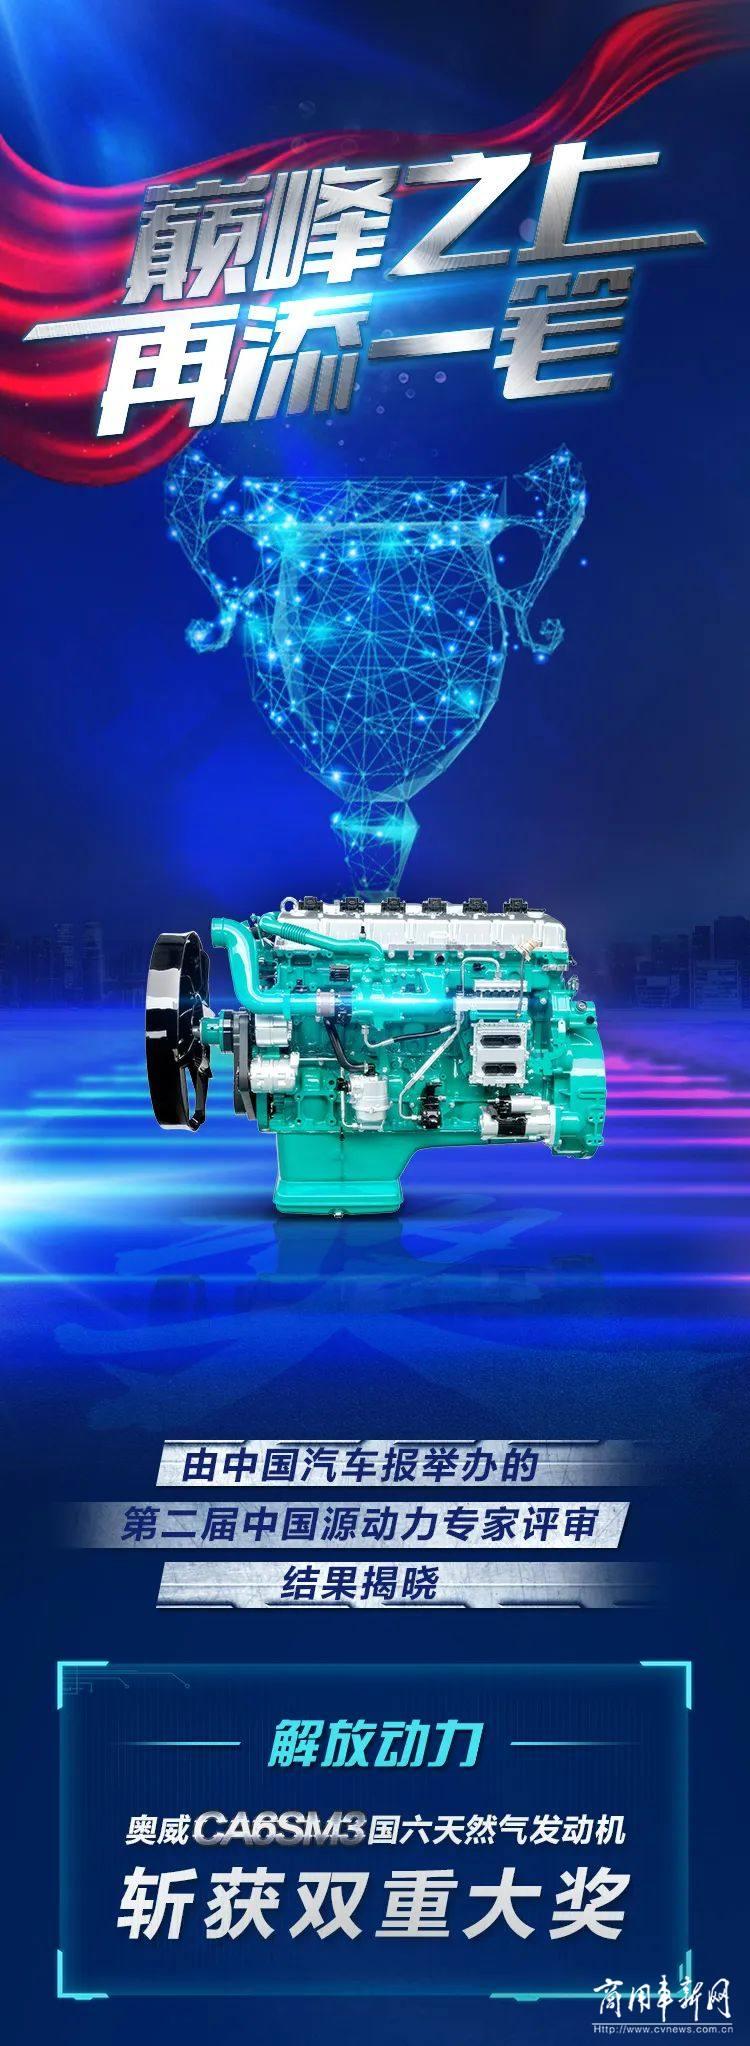 需求大马力天然气发动机的卡友, 解放动力的好消息来了